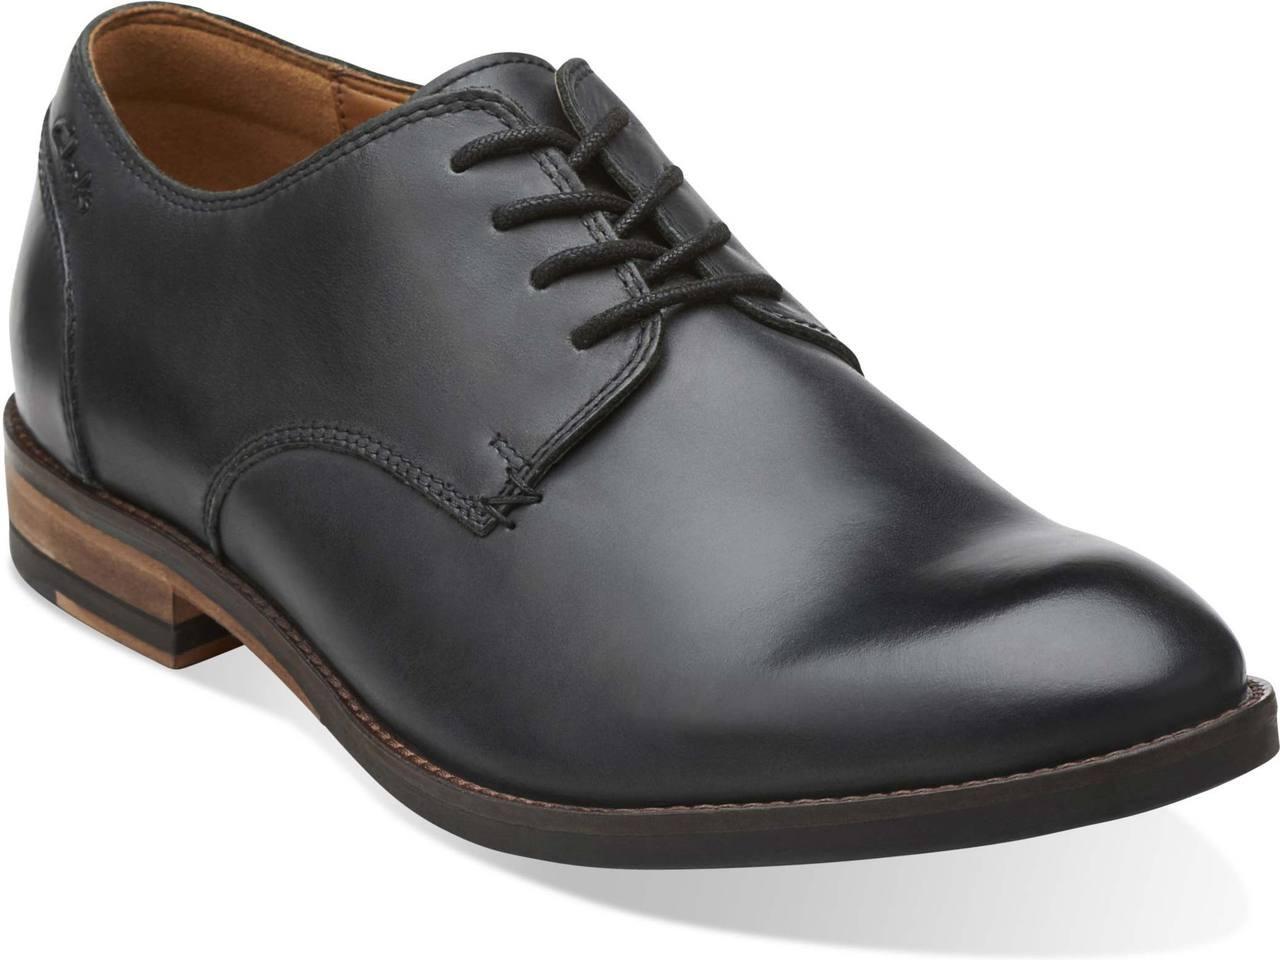 ... Dress Shoes · Oxfords; Clarks Men's Exton Walk. Black Leather